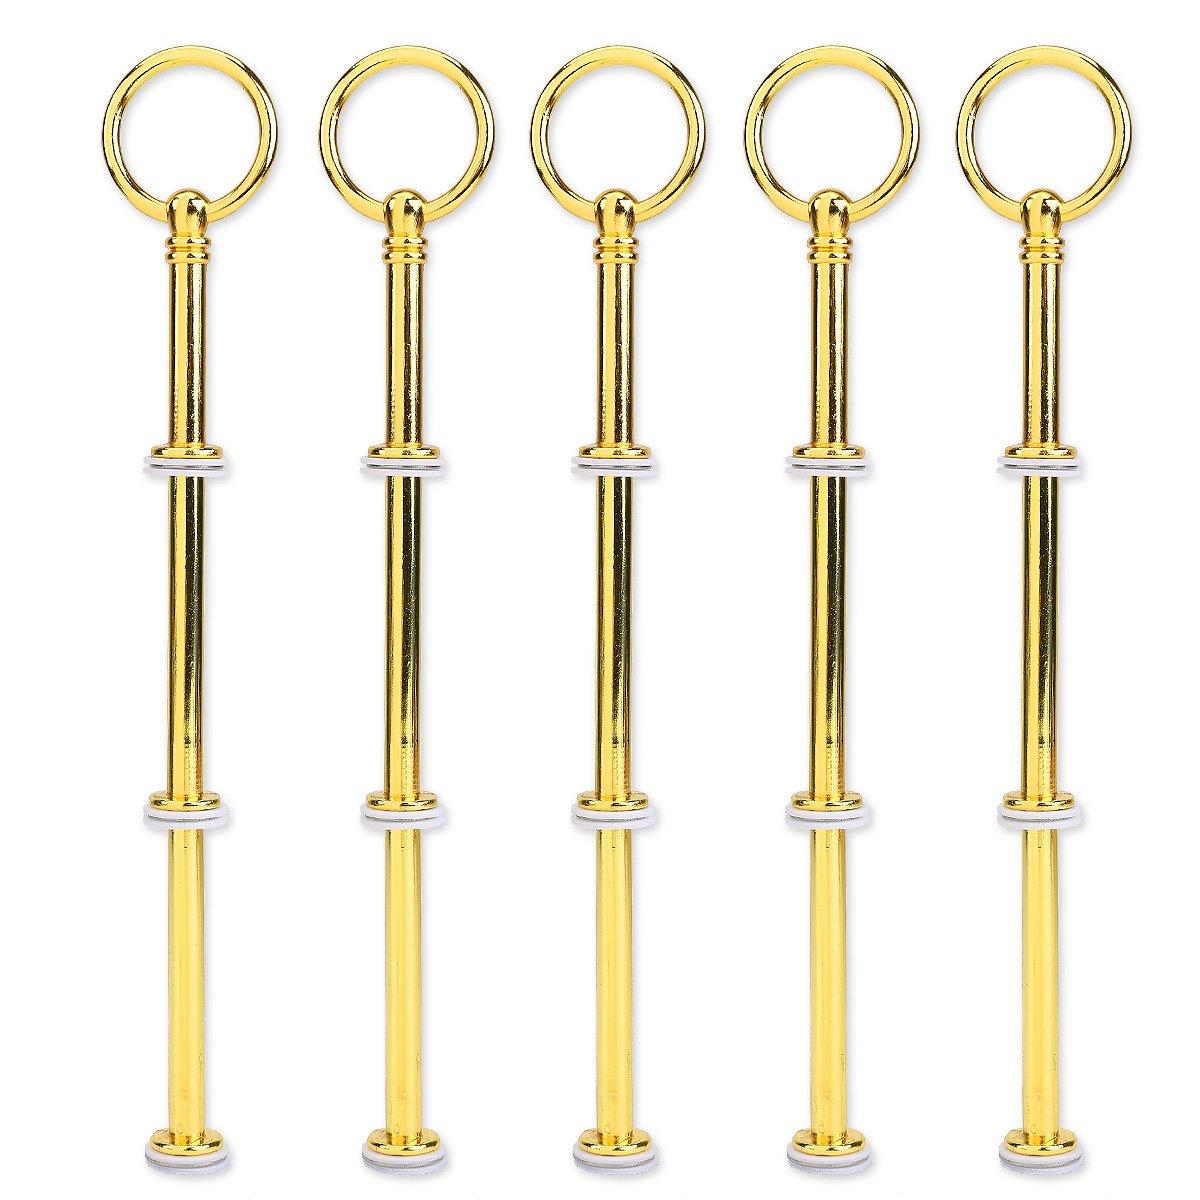 SurePromise One Stop Solution for Sourcing 5/Set Golden Couleur Rond Motifs Mini tiges en m/étal 2//à 3//étage pr/ésentoir pour g/âteau de Mariage Pr/ésentoir Support G/âteau G/âteaux